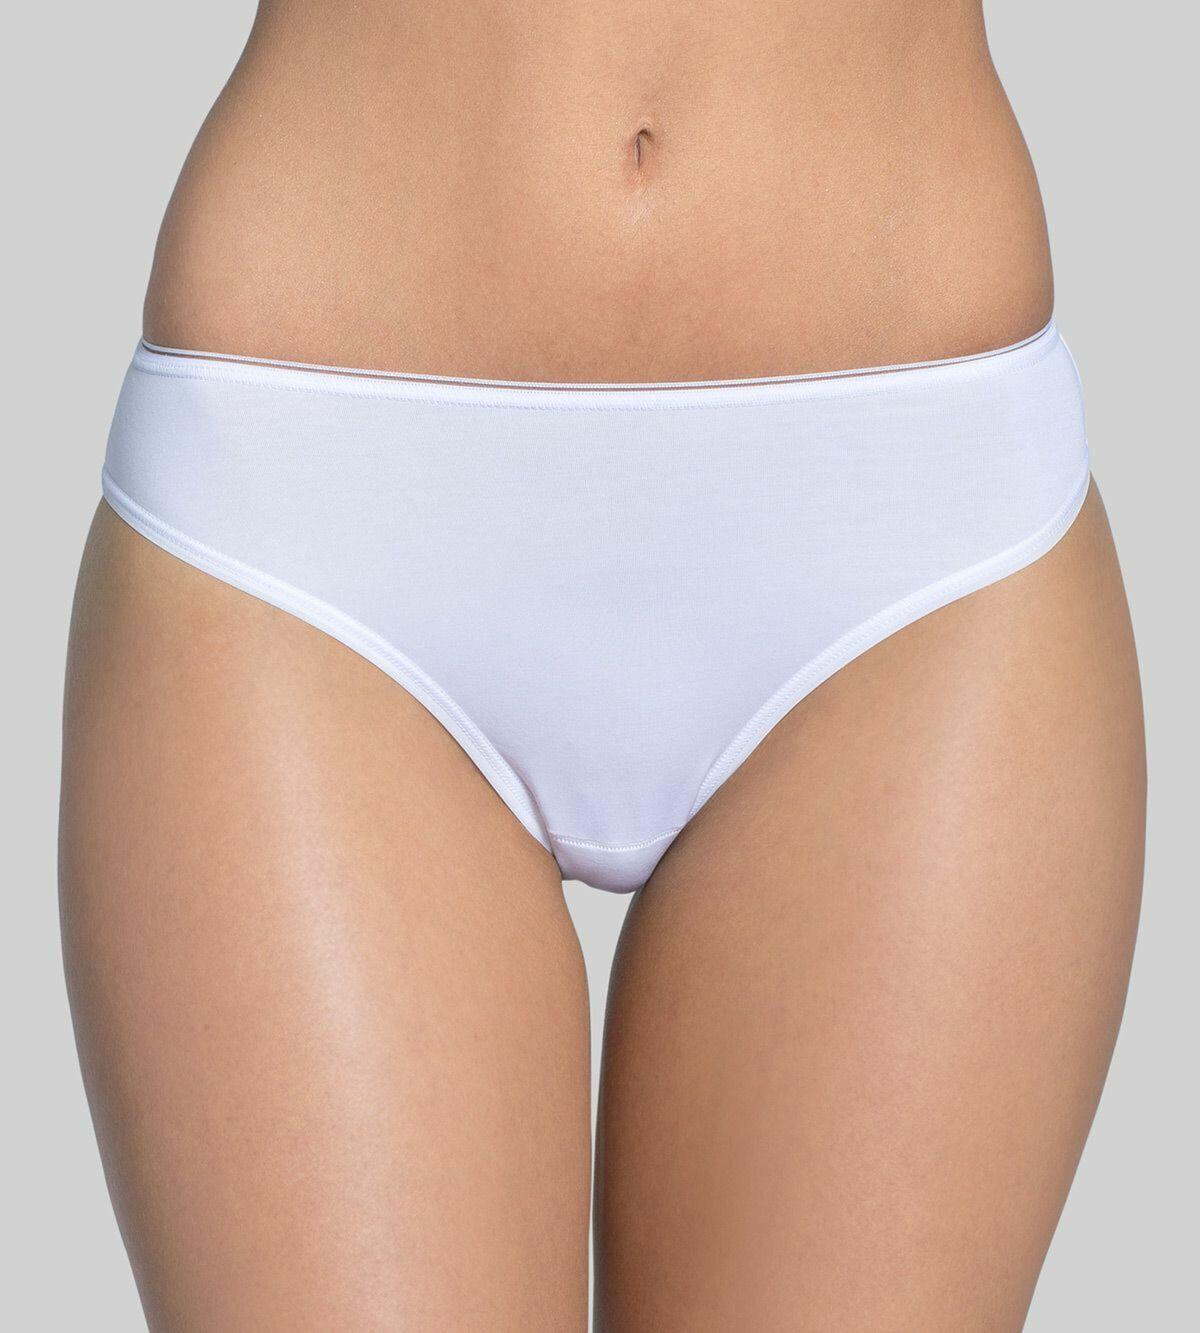 Sloggi Feel Sensational Tai Briefs Buy Sloggi Brand New Sloggi Underwear